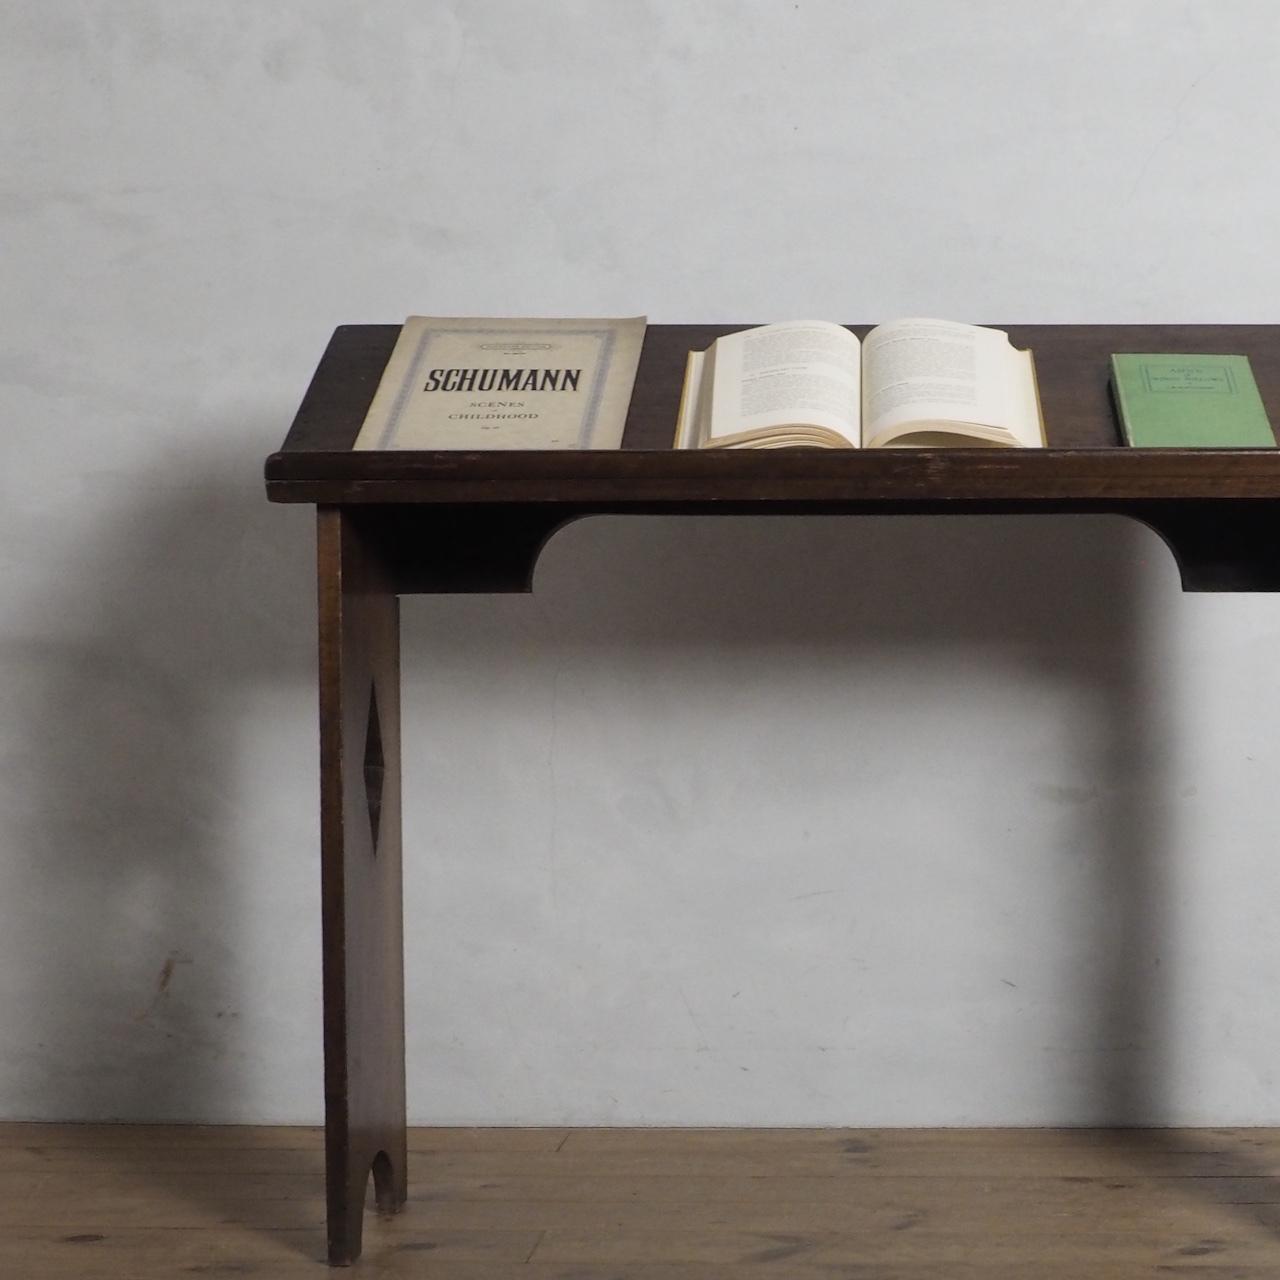 Console Table / コンソール テーブル 〈本棚・ブックシェルフ・チラシ・店舗什器〉